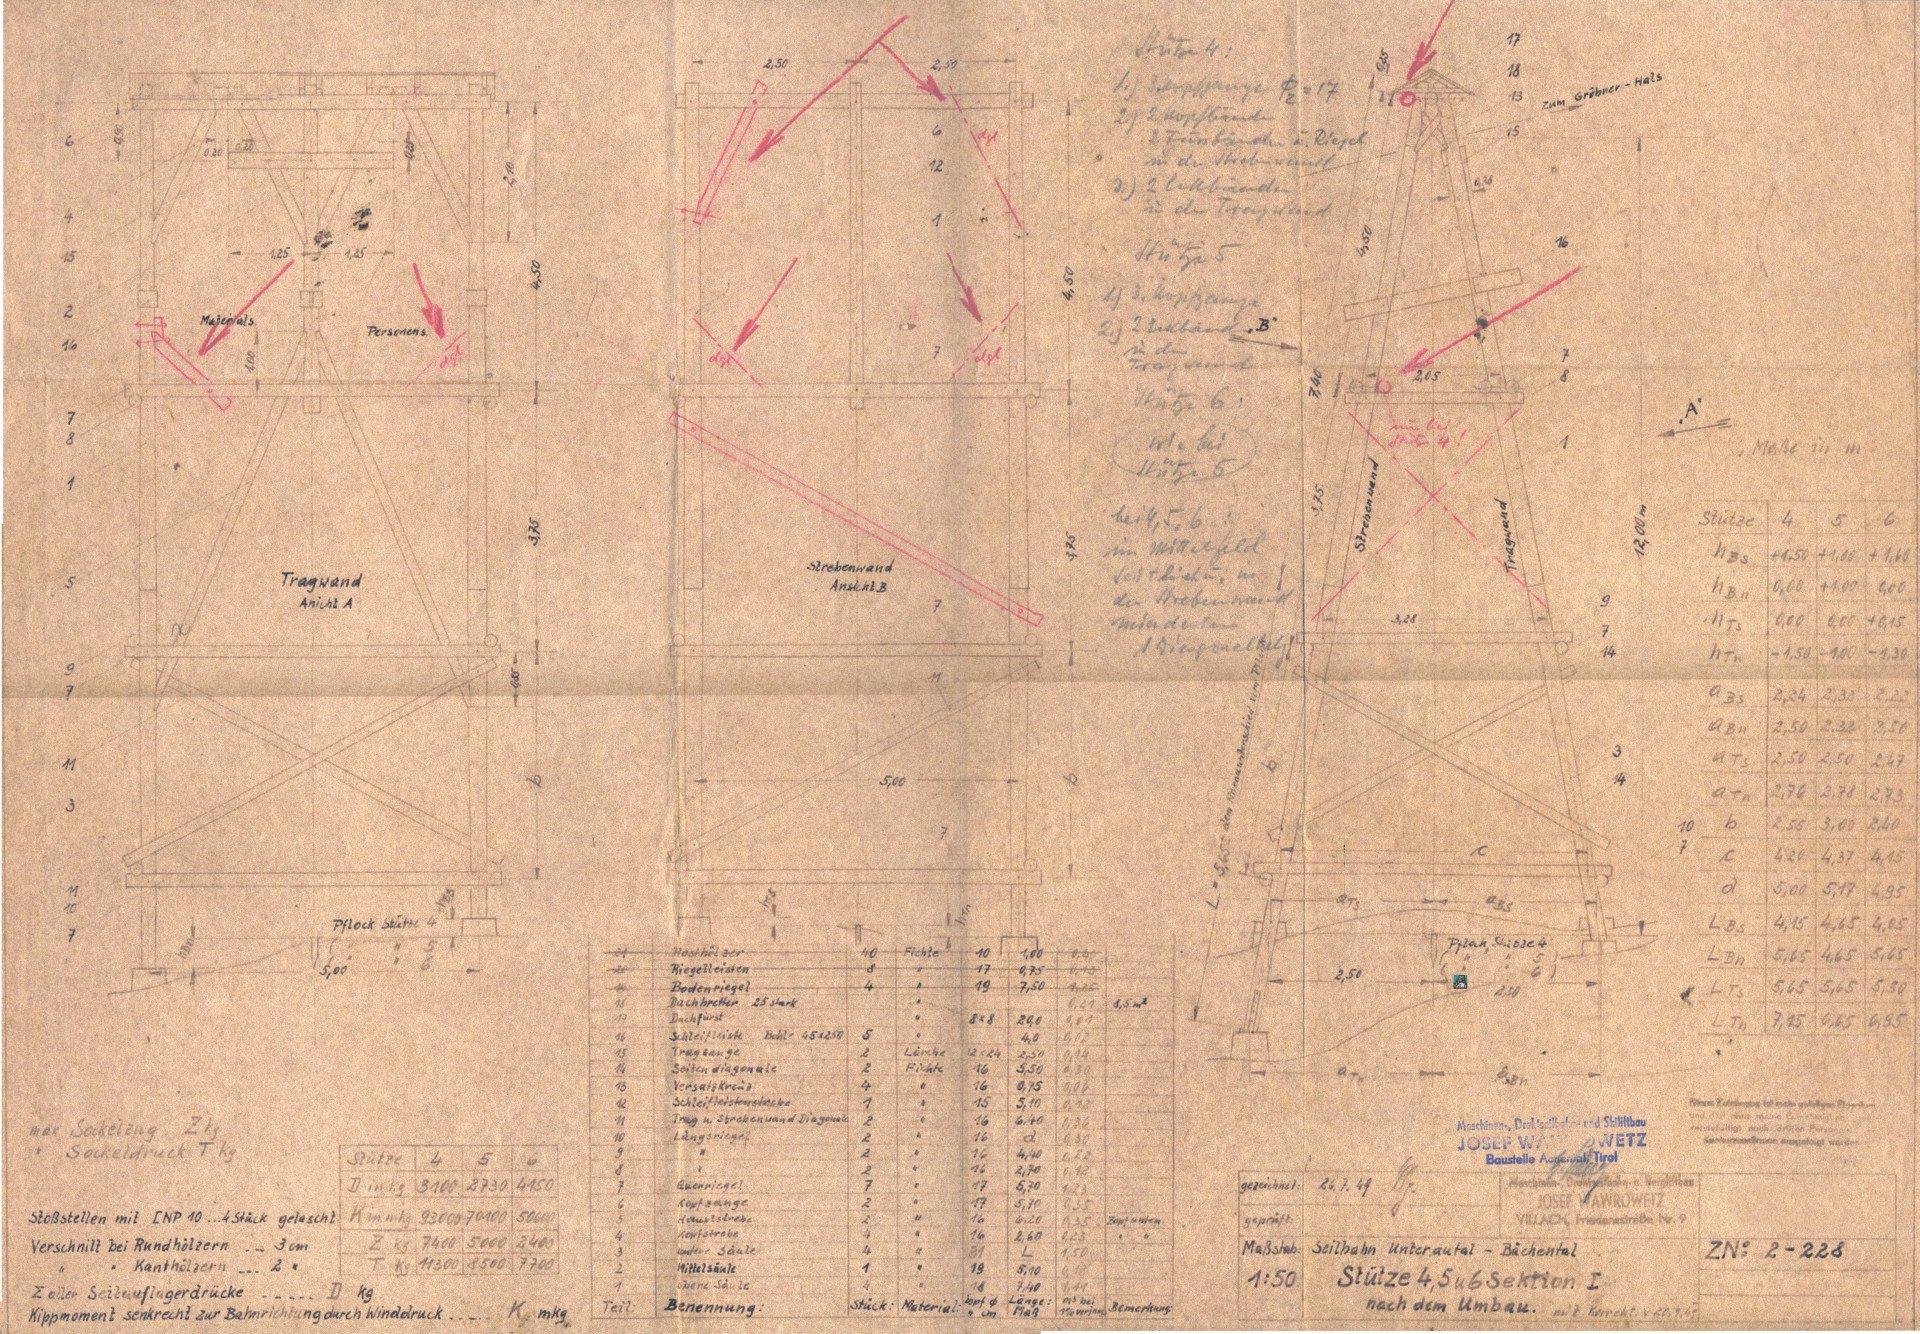 1949 07 26 Plan Seilbahnstütze Internet